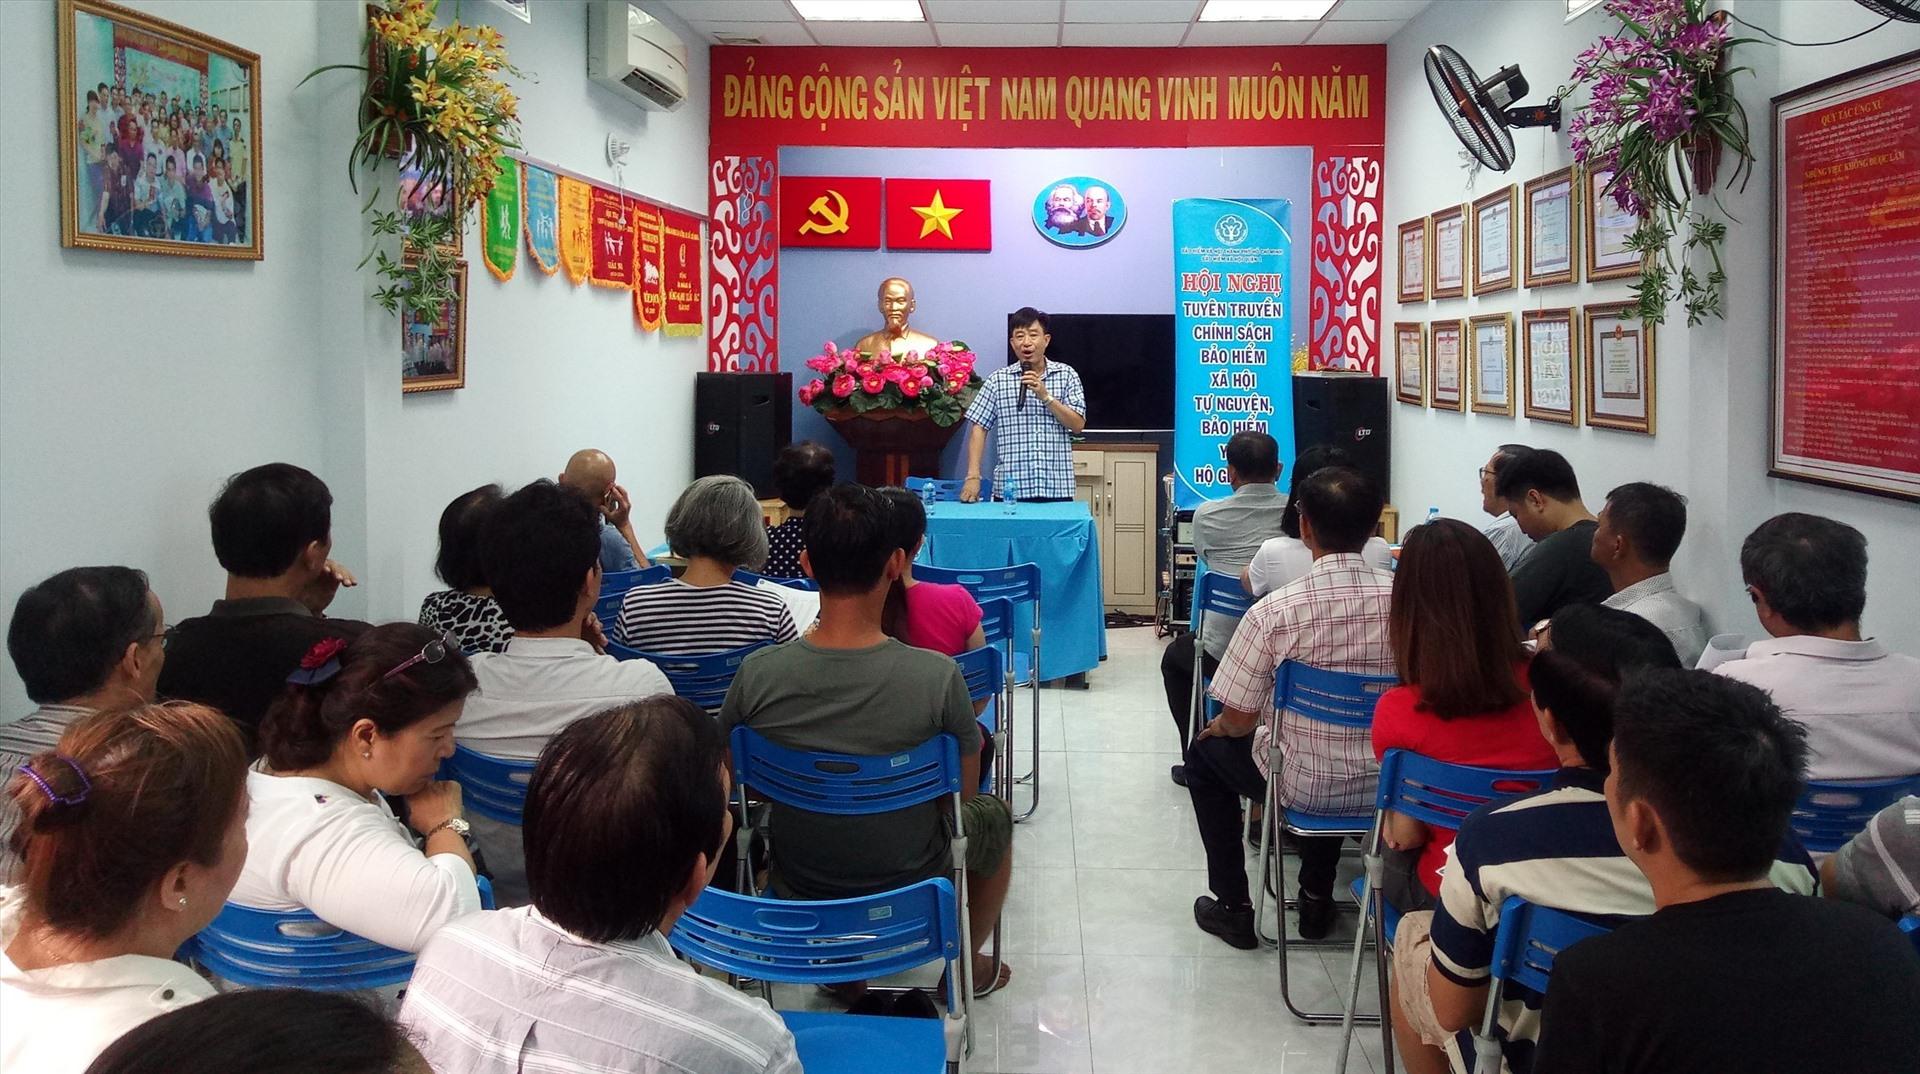 Một buổi tuyên truyền phát triển BHXH tự nguyện của BHXH Quận 1. Ảnh Thế Mỹ